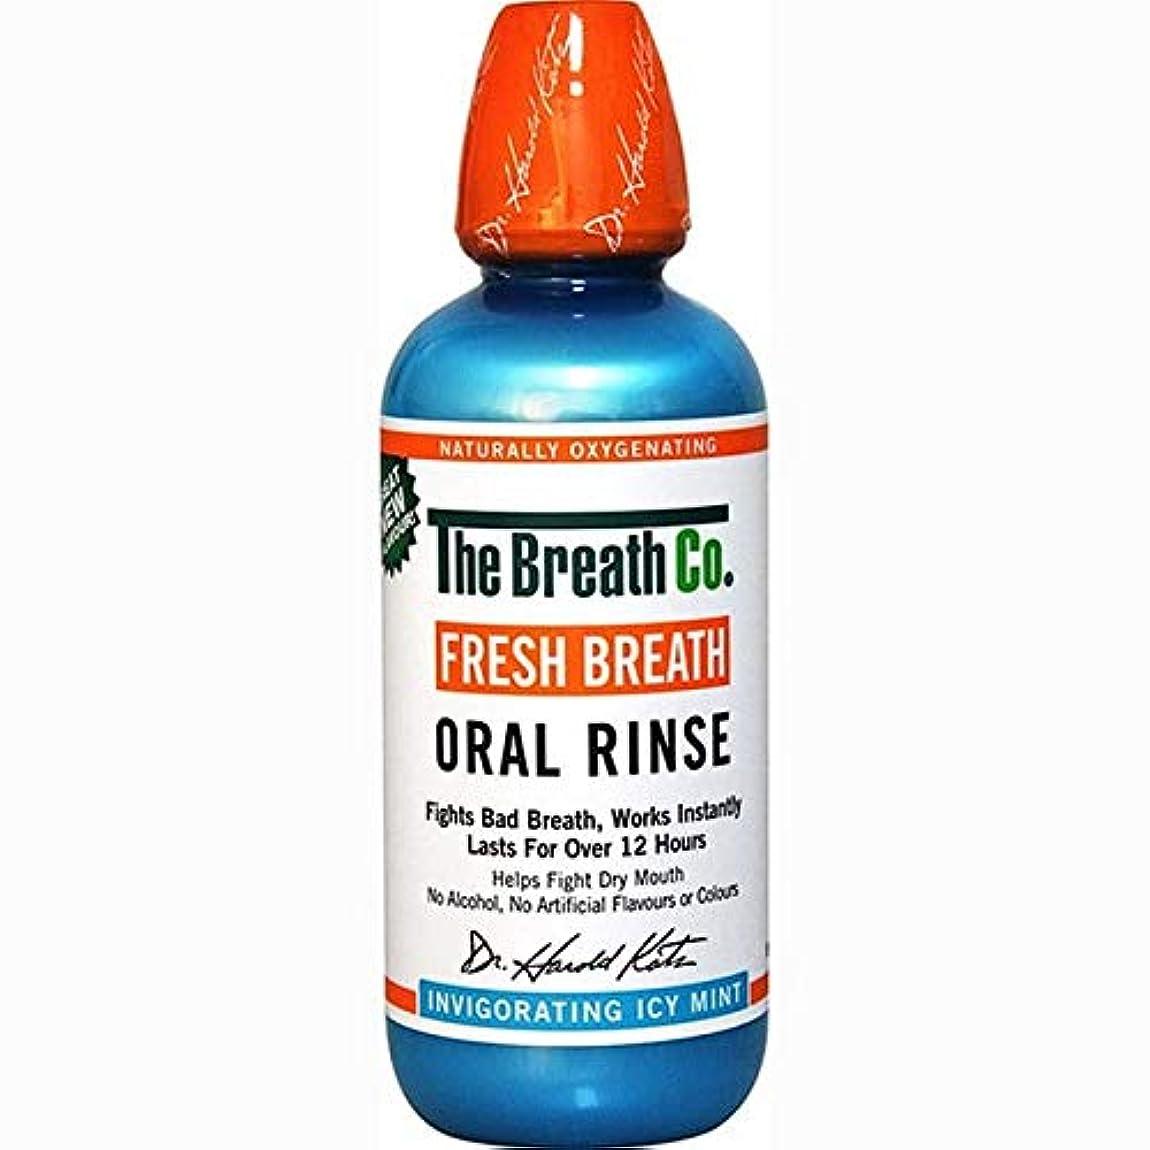 ランダム有用潜在的な[The Breath Co] 息のCo新鮮な息口腔リンス氷のミント500ミリリットル - The Breath Co Fresh Breath Oral Rinse Icy Mint 500ml [並行輸入品]